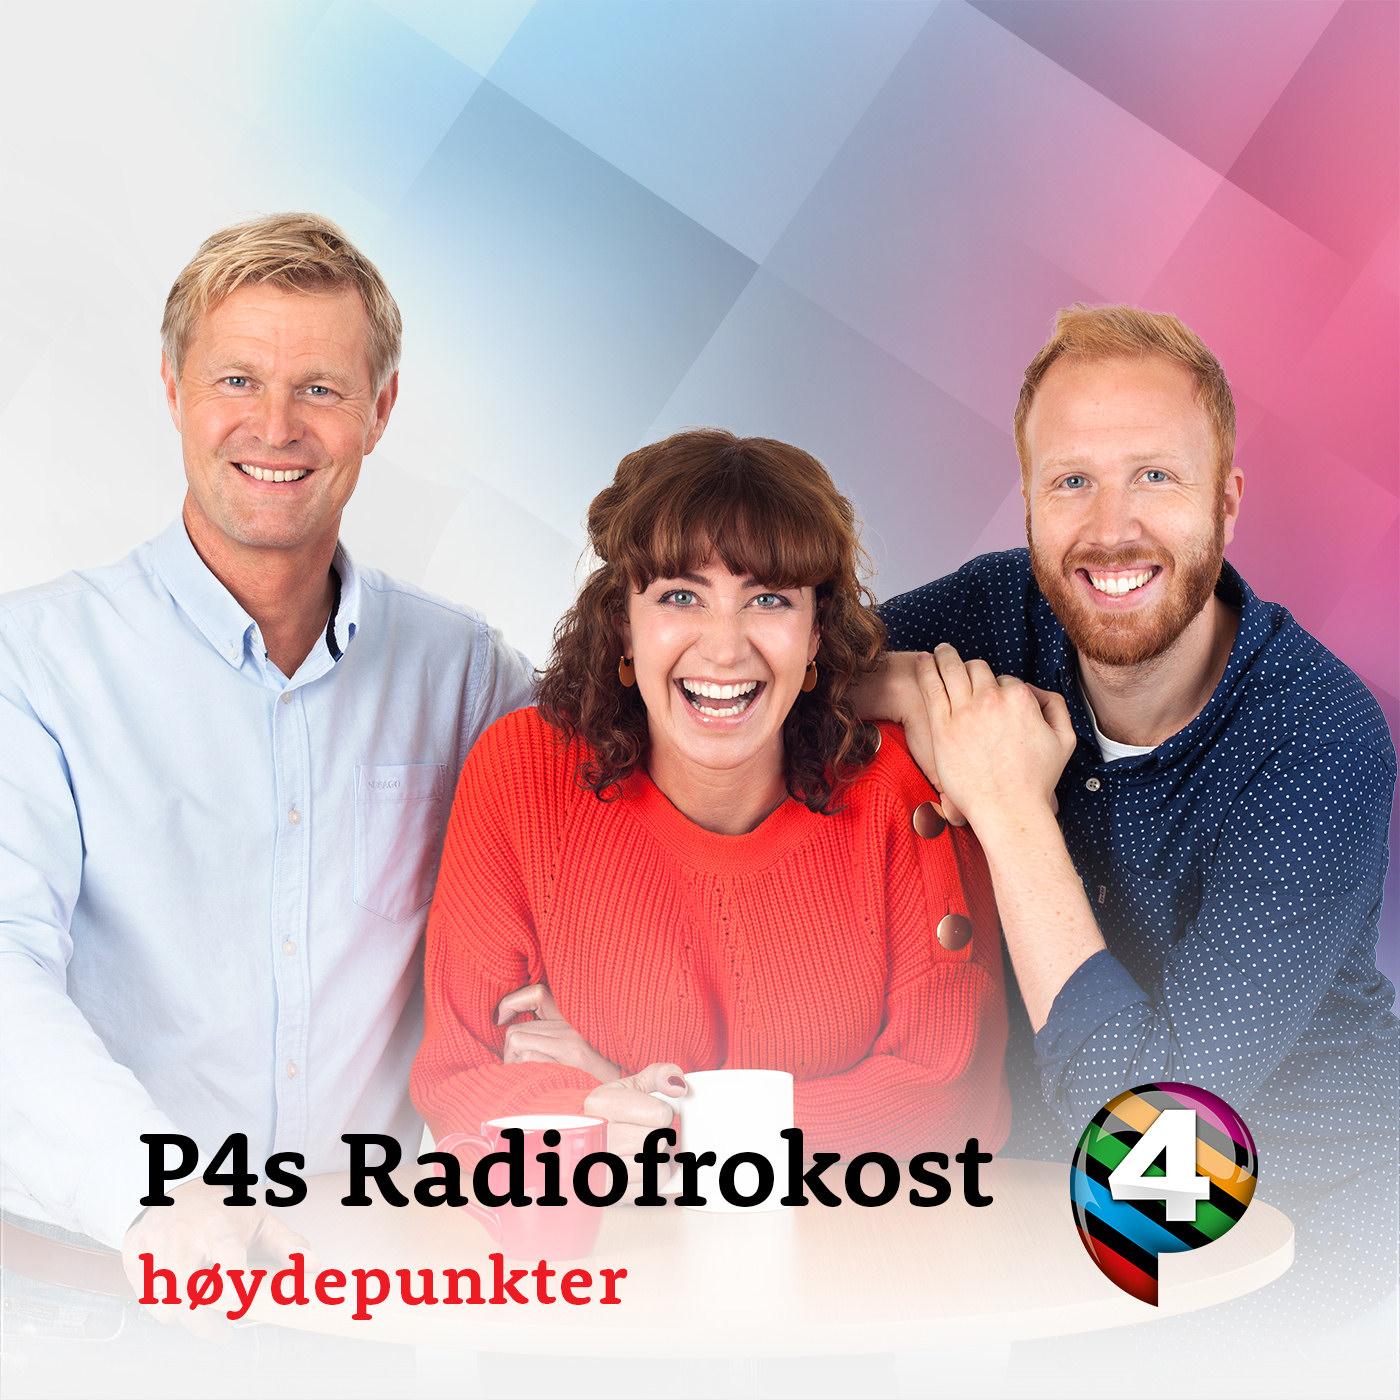 P4s Radiofrokost